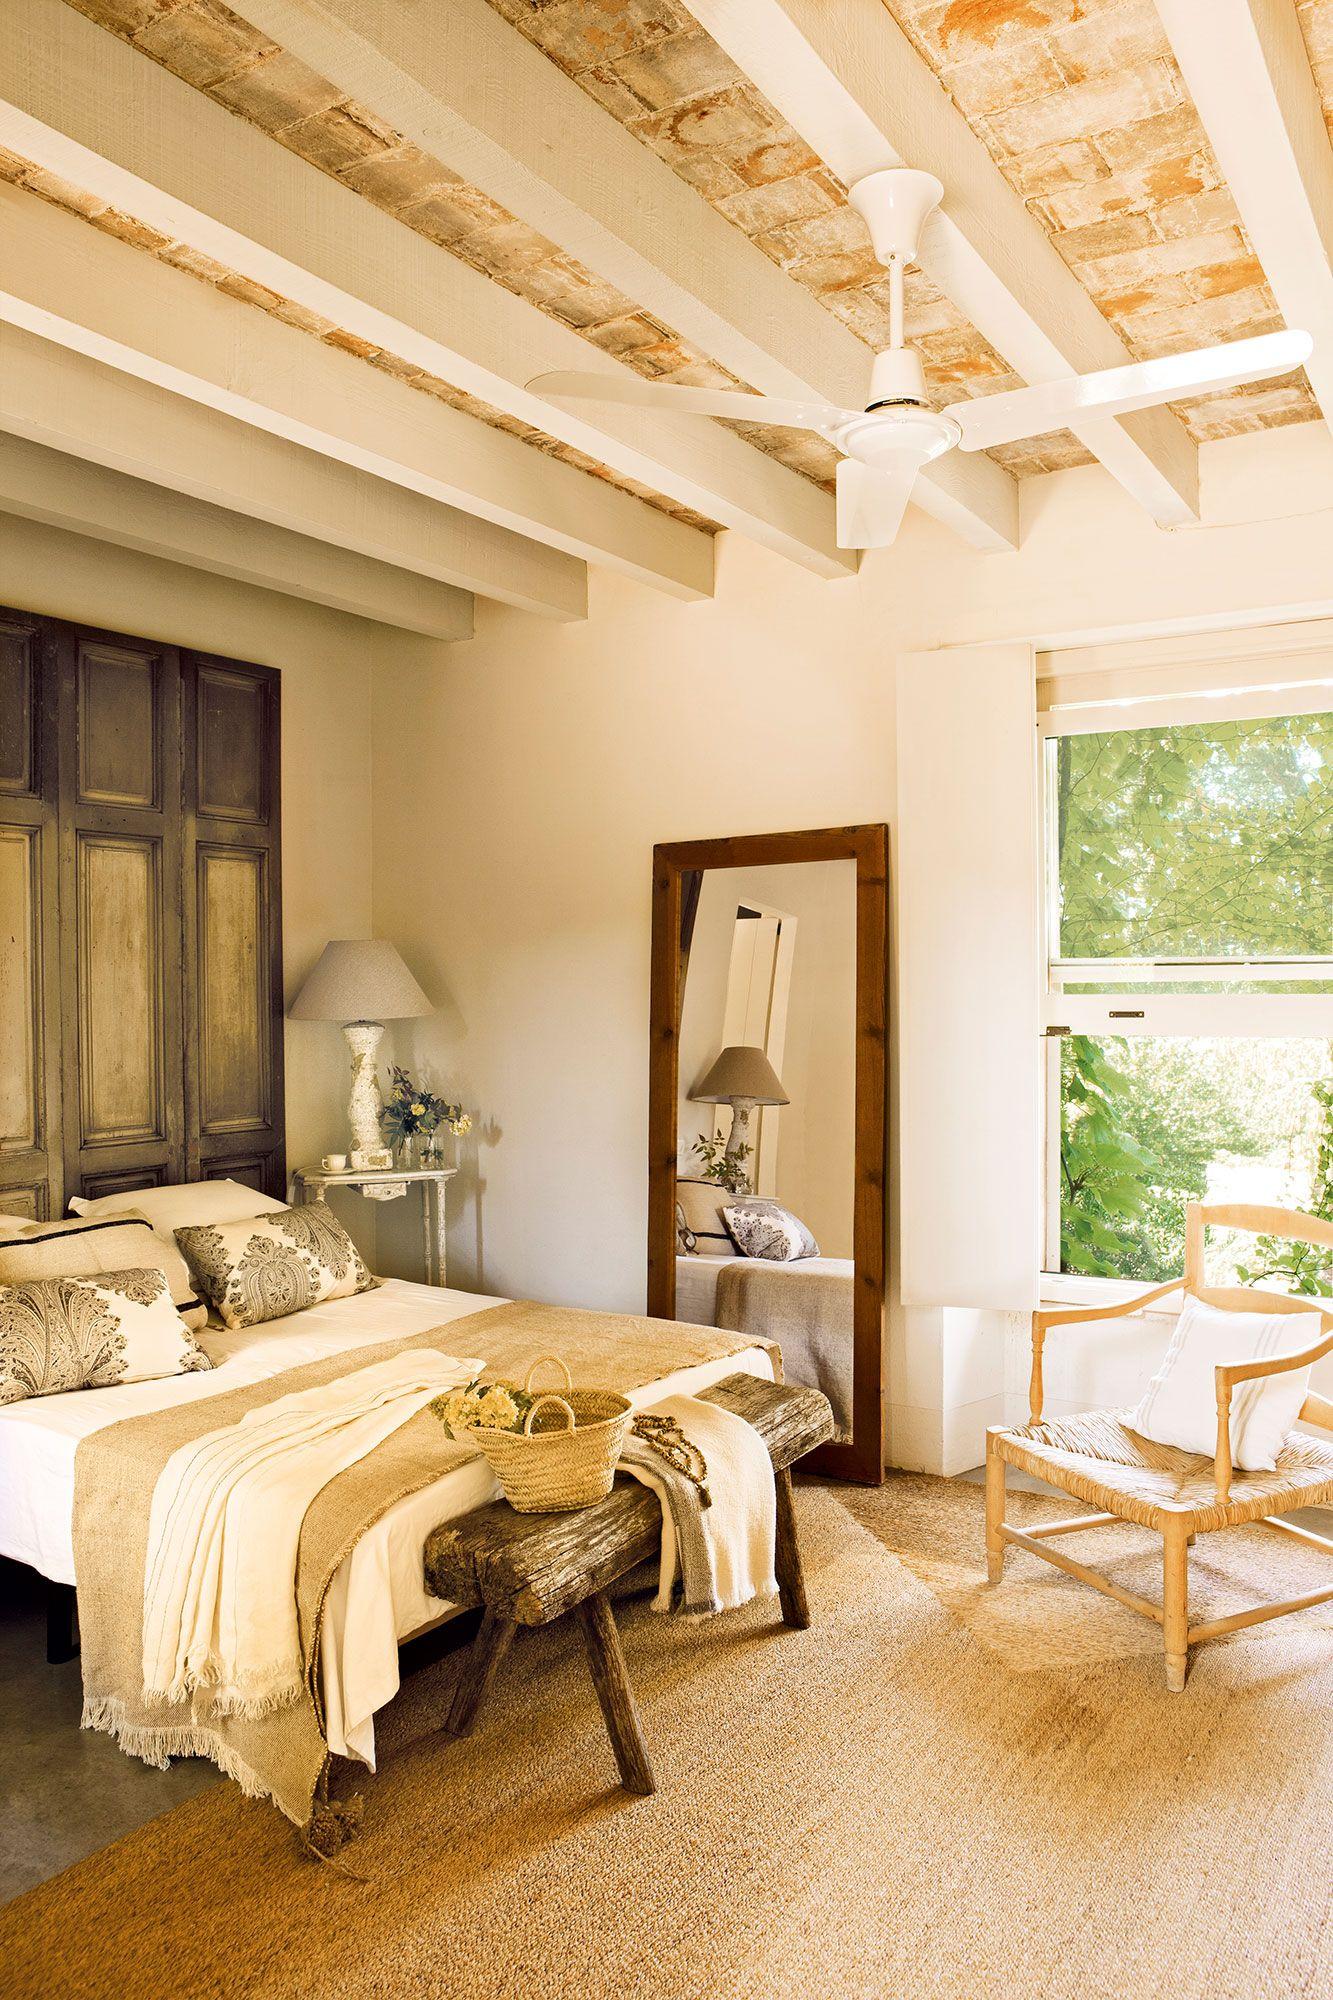 Dormitorios De Matrimonio Estilo Rustico : Con piezas singulares bedroom ideas dormitorios rústicos